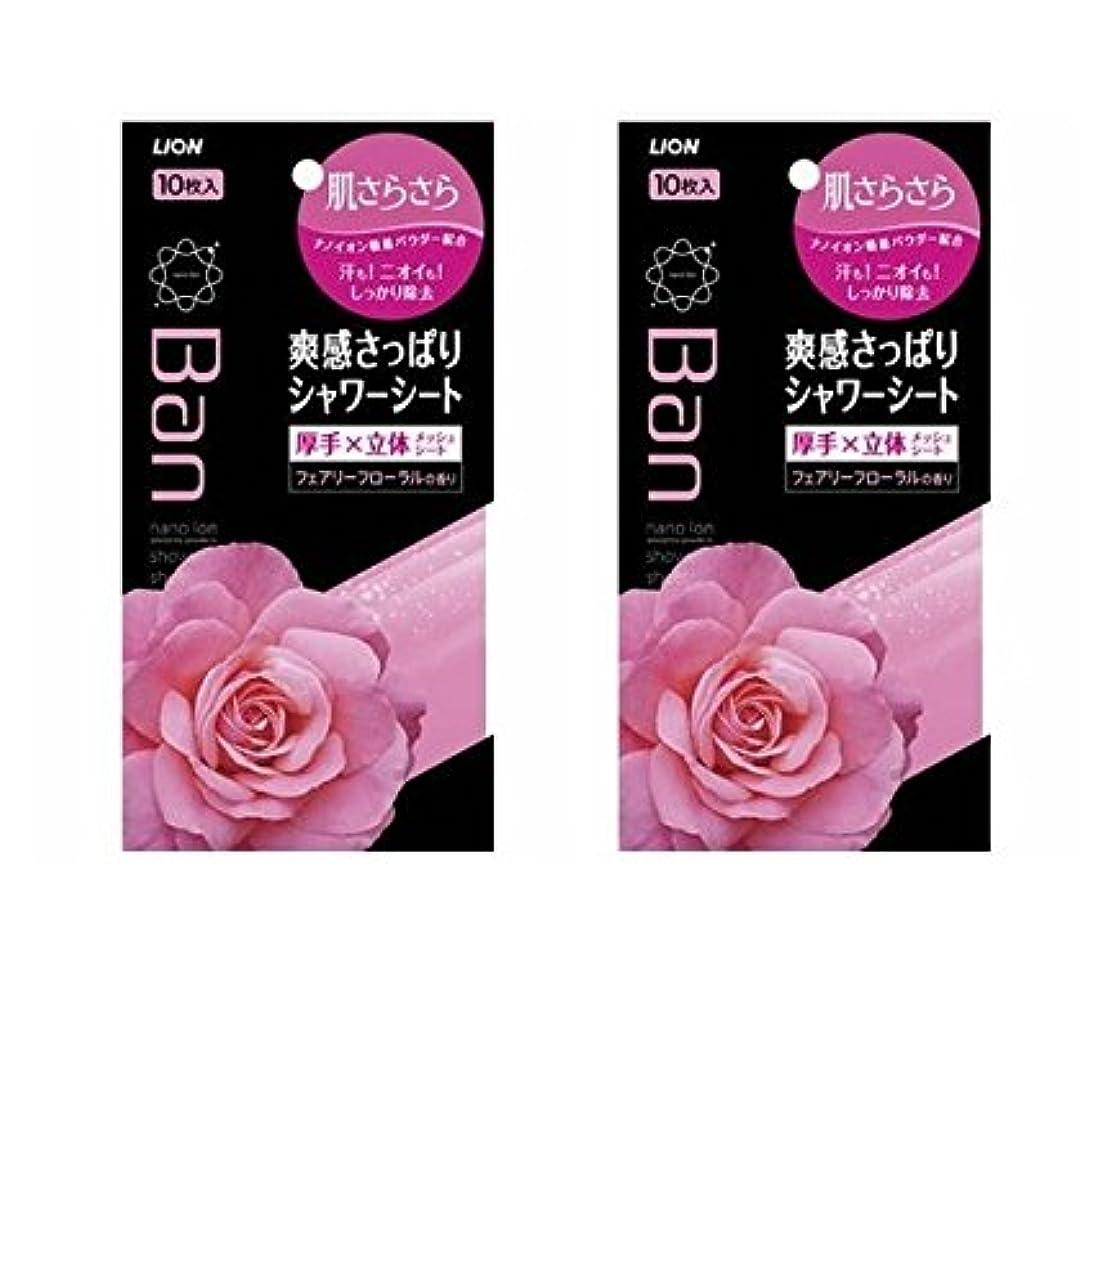 疾患カセットコカインBan 爽感さっぱりシャワーシート フェアリーフローラルの香り 36枚 ×2セット